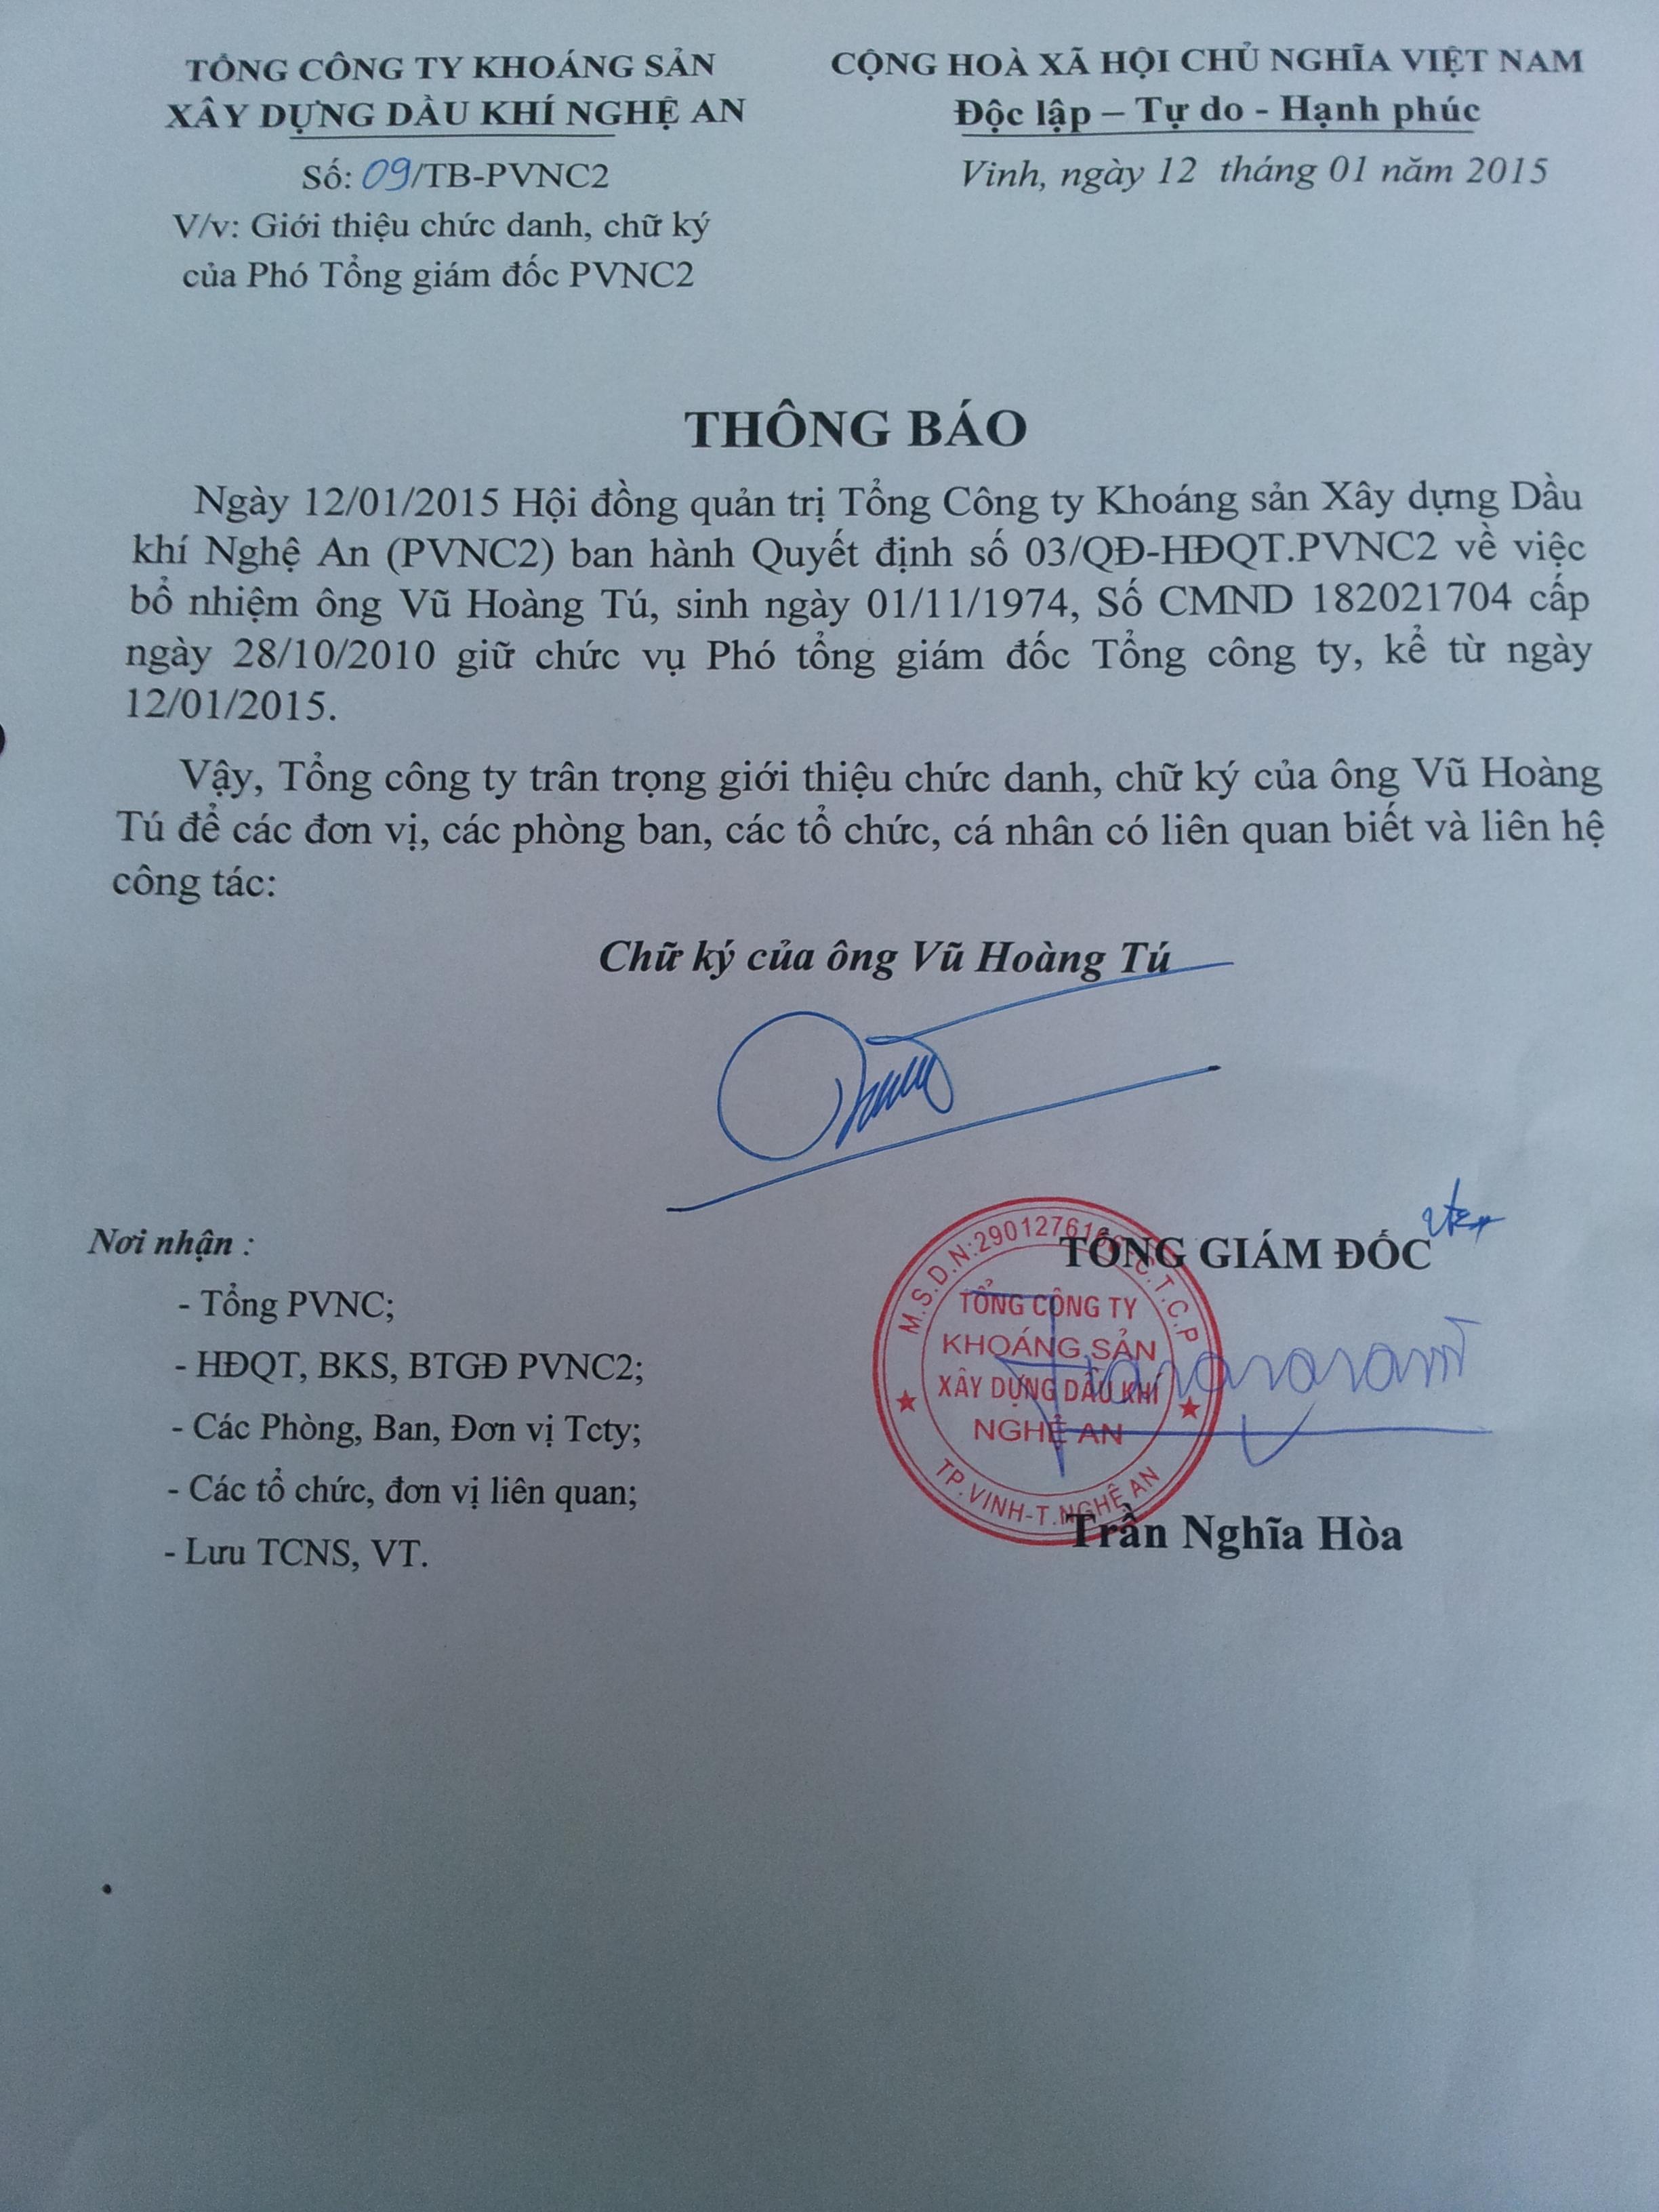 thong bao chu ky